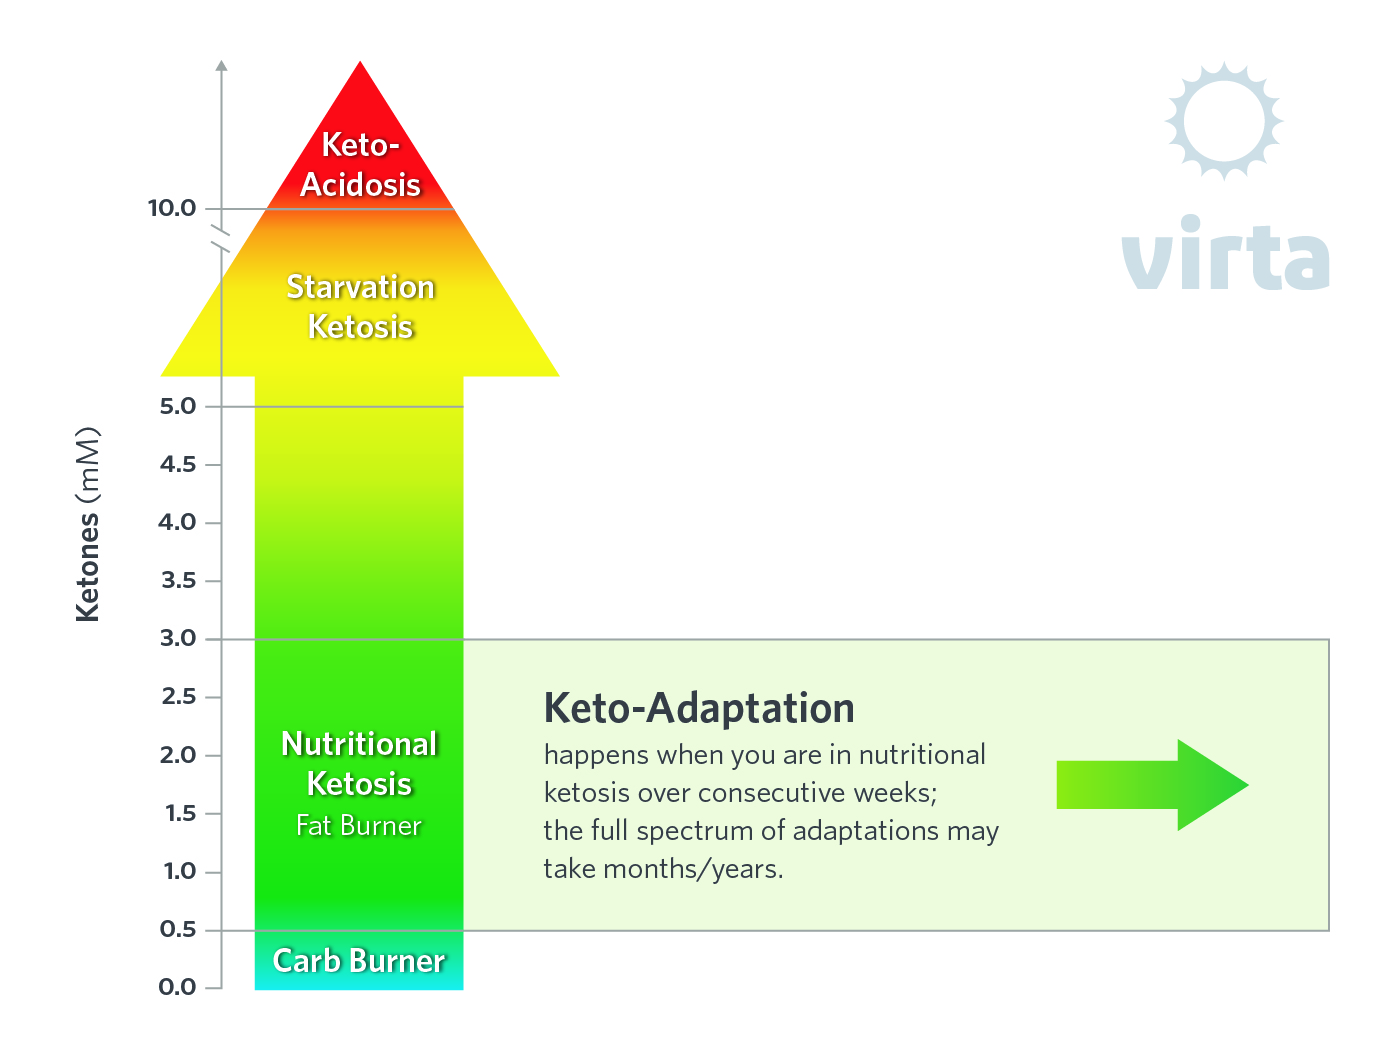 ketones at 4.0 for keto diet